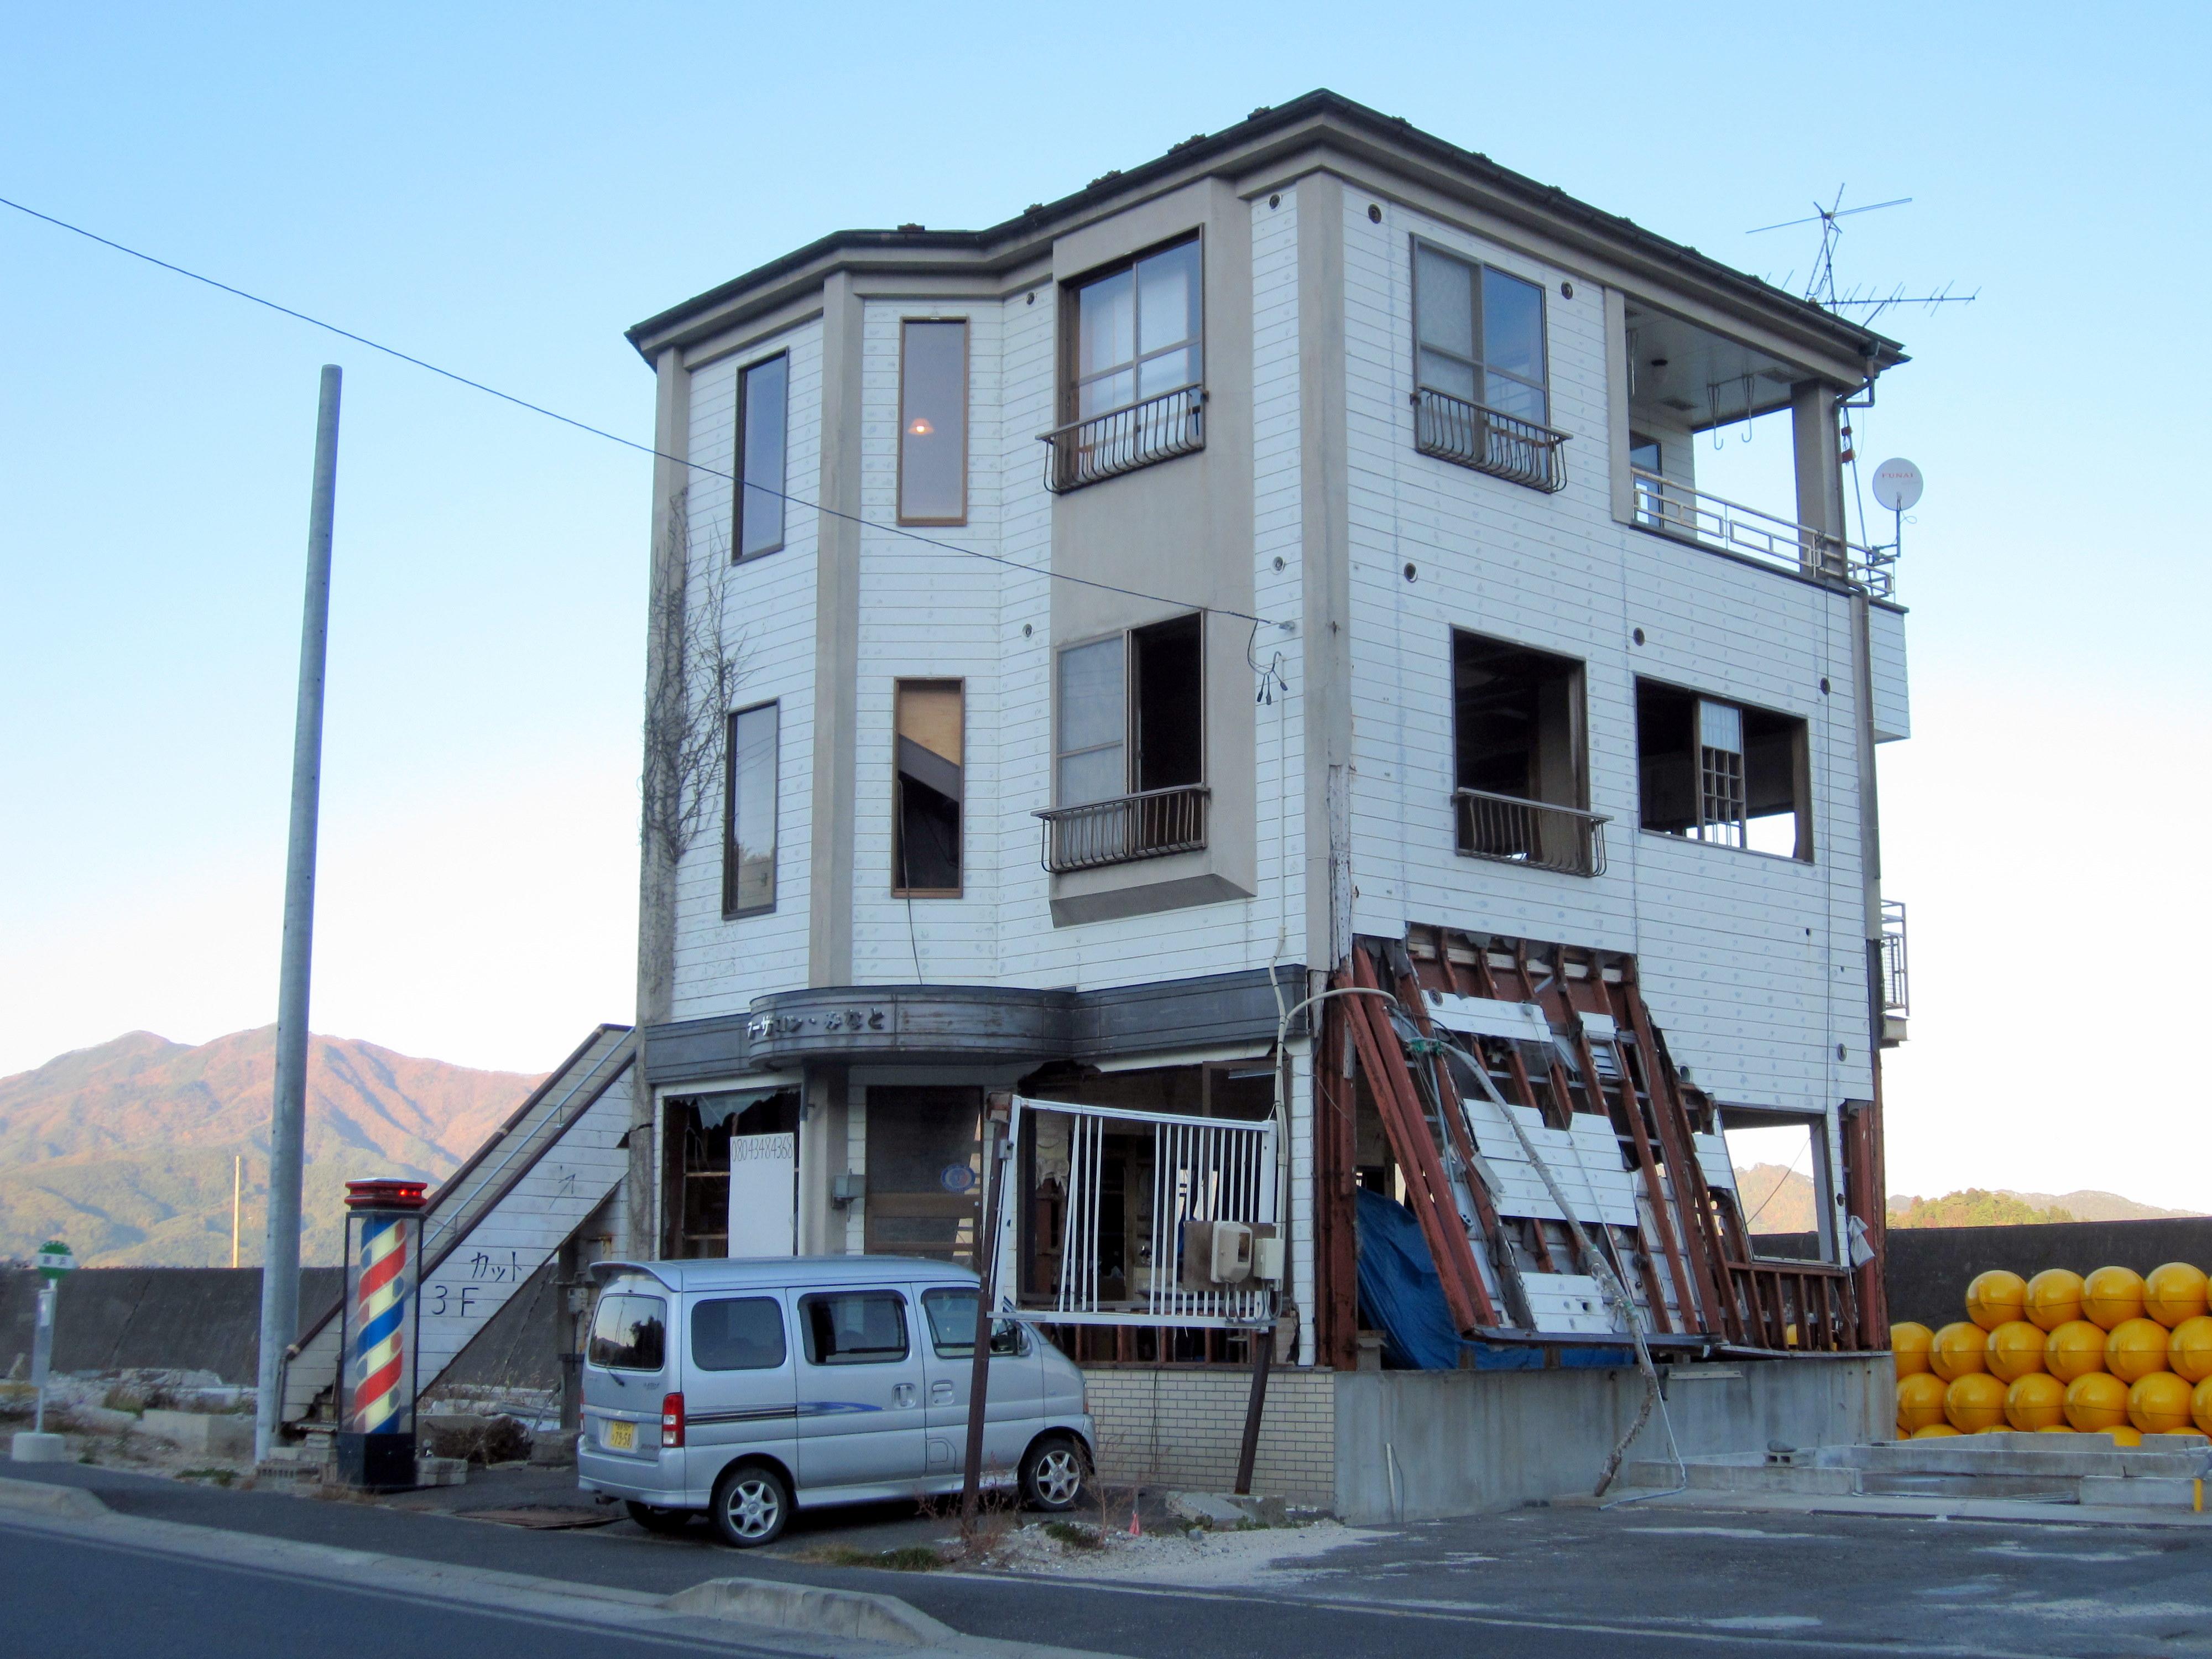 損壊した建物の3階に臨時店舗を設け、営業を続けるヘアーサロン.JPG